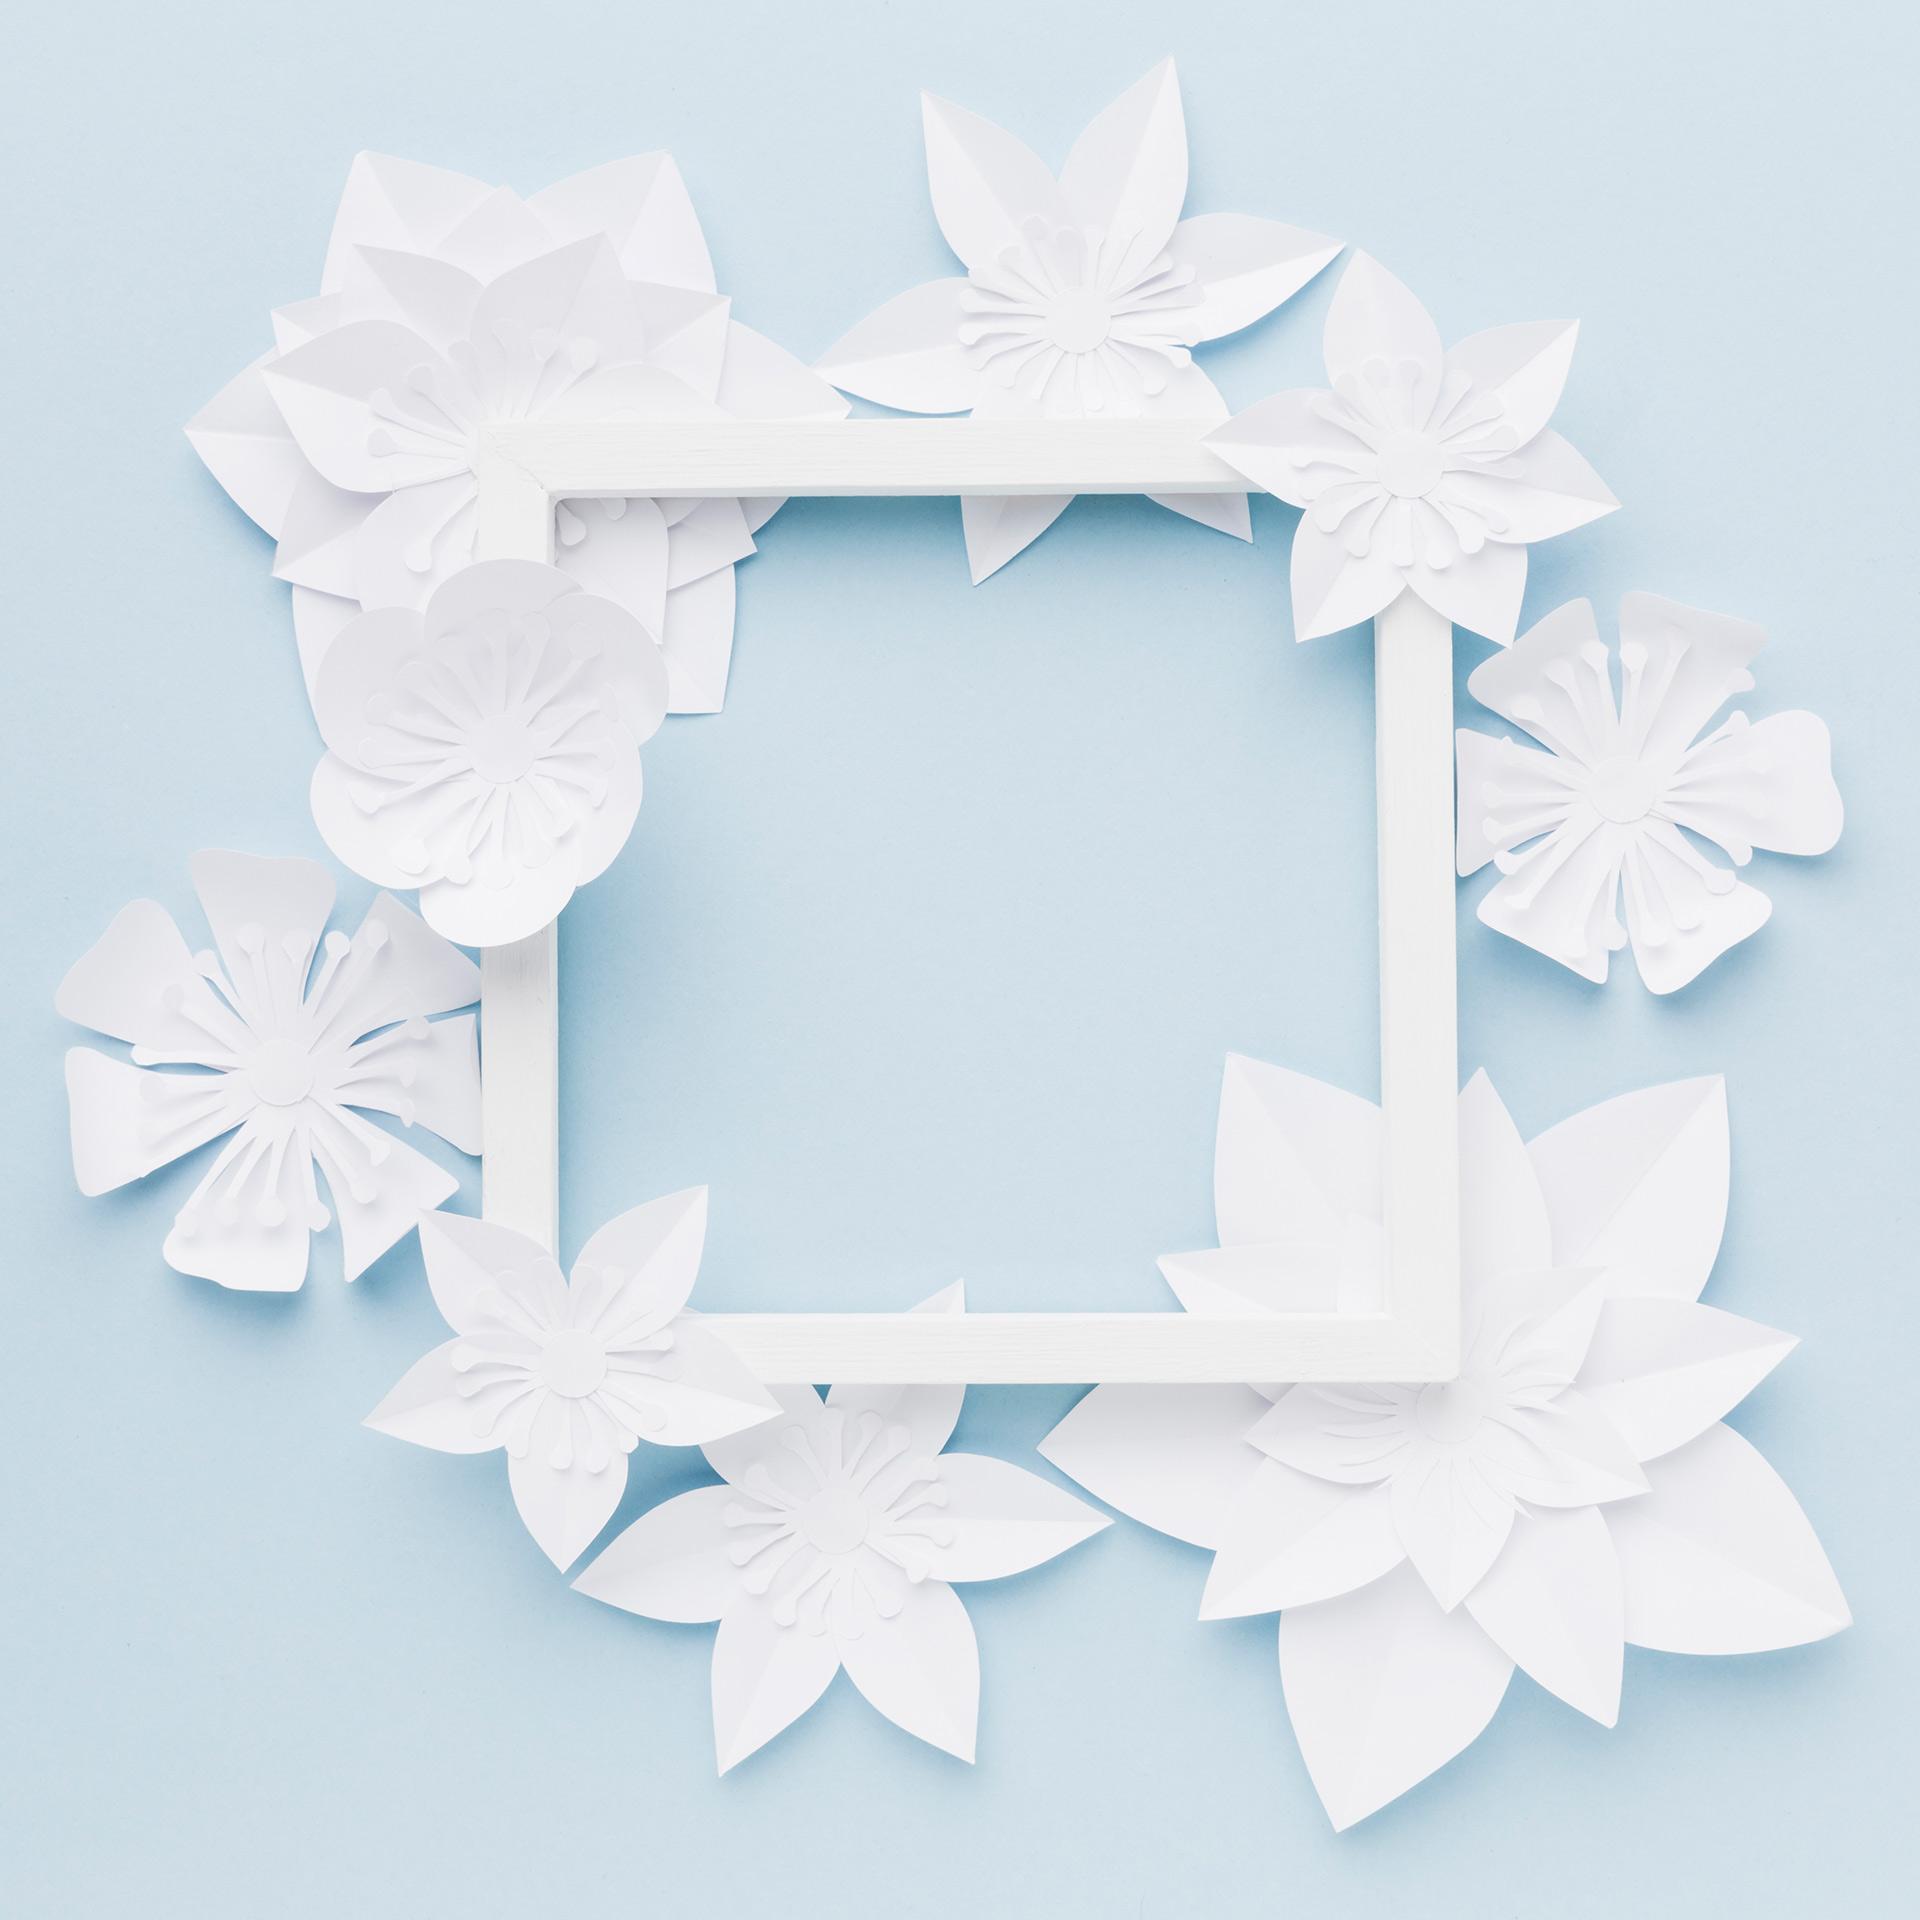 ramka udekorowana dekoracjami z papieru